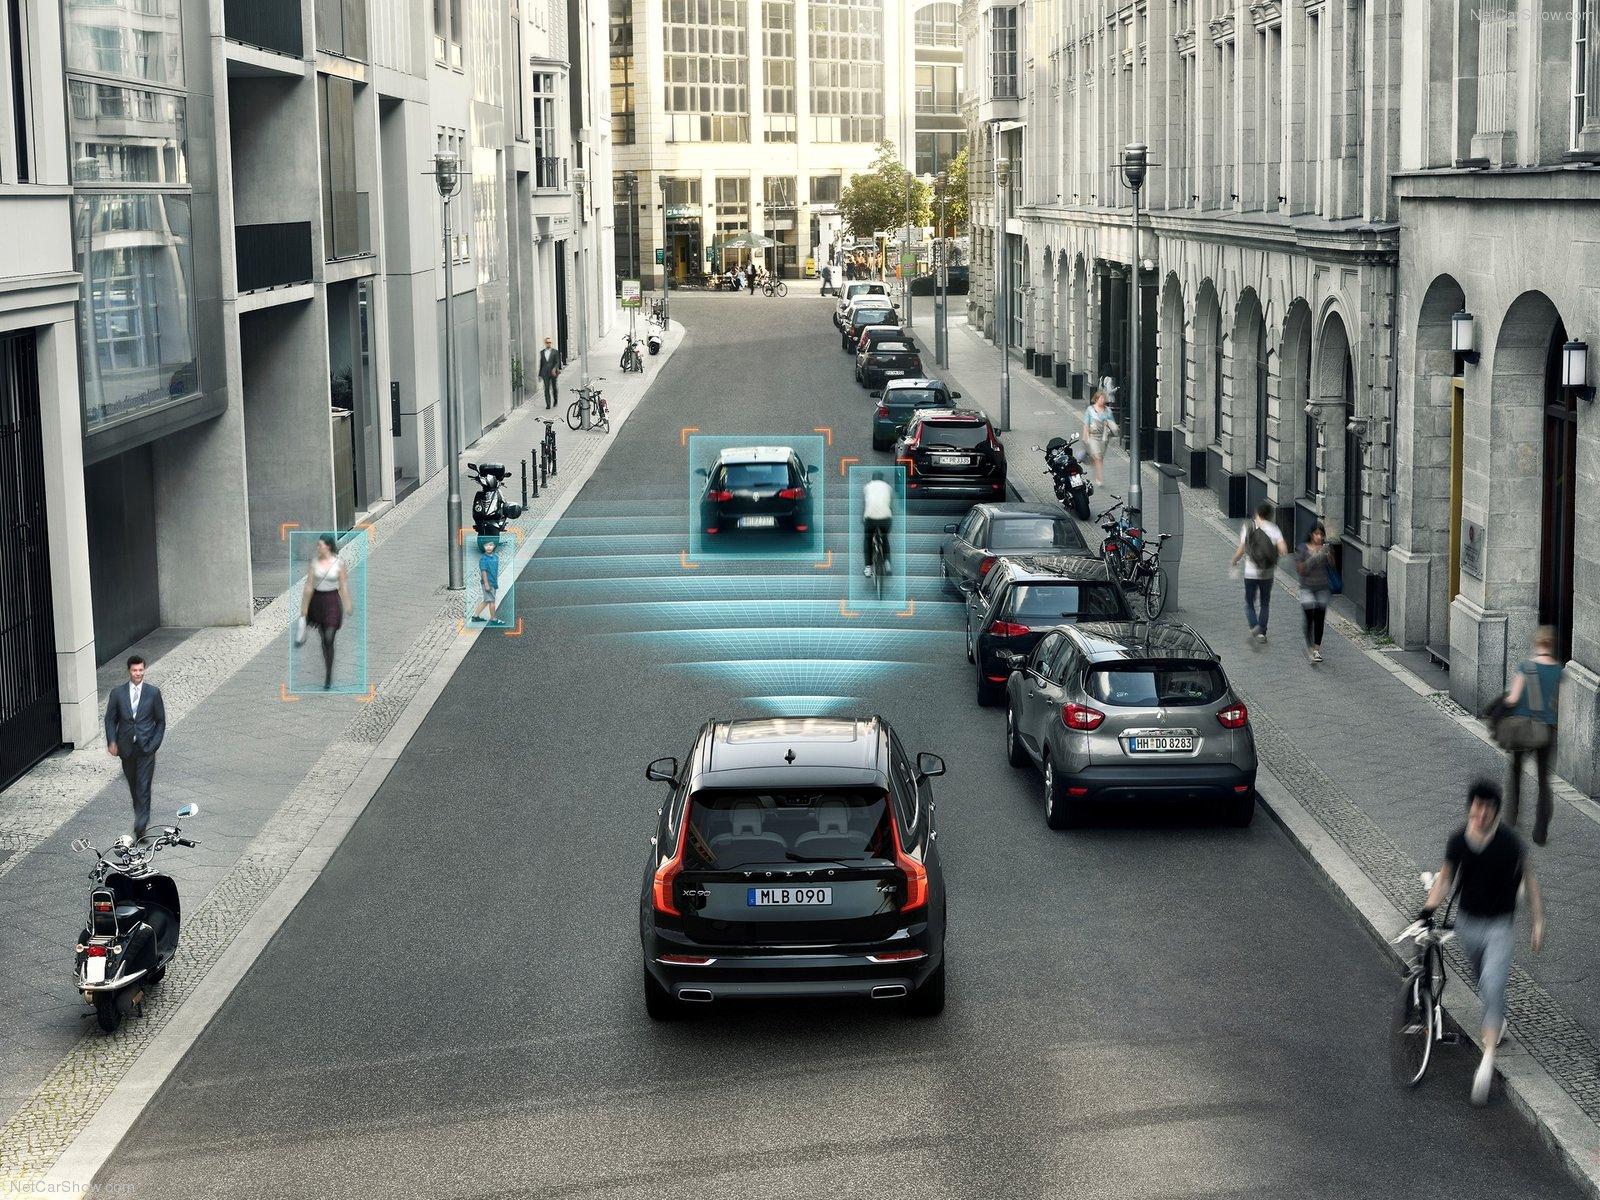 Volvos standardmonterede sikkerhedsudstyr nedbringer antallet af skader med 28%